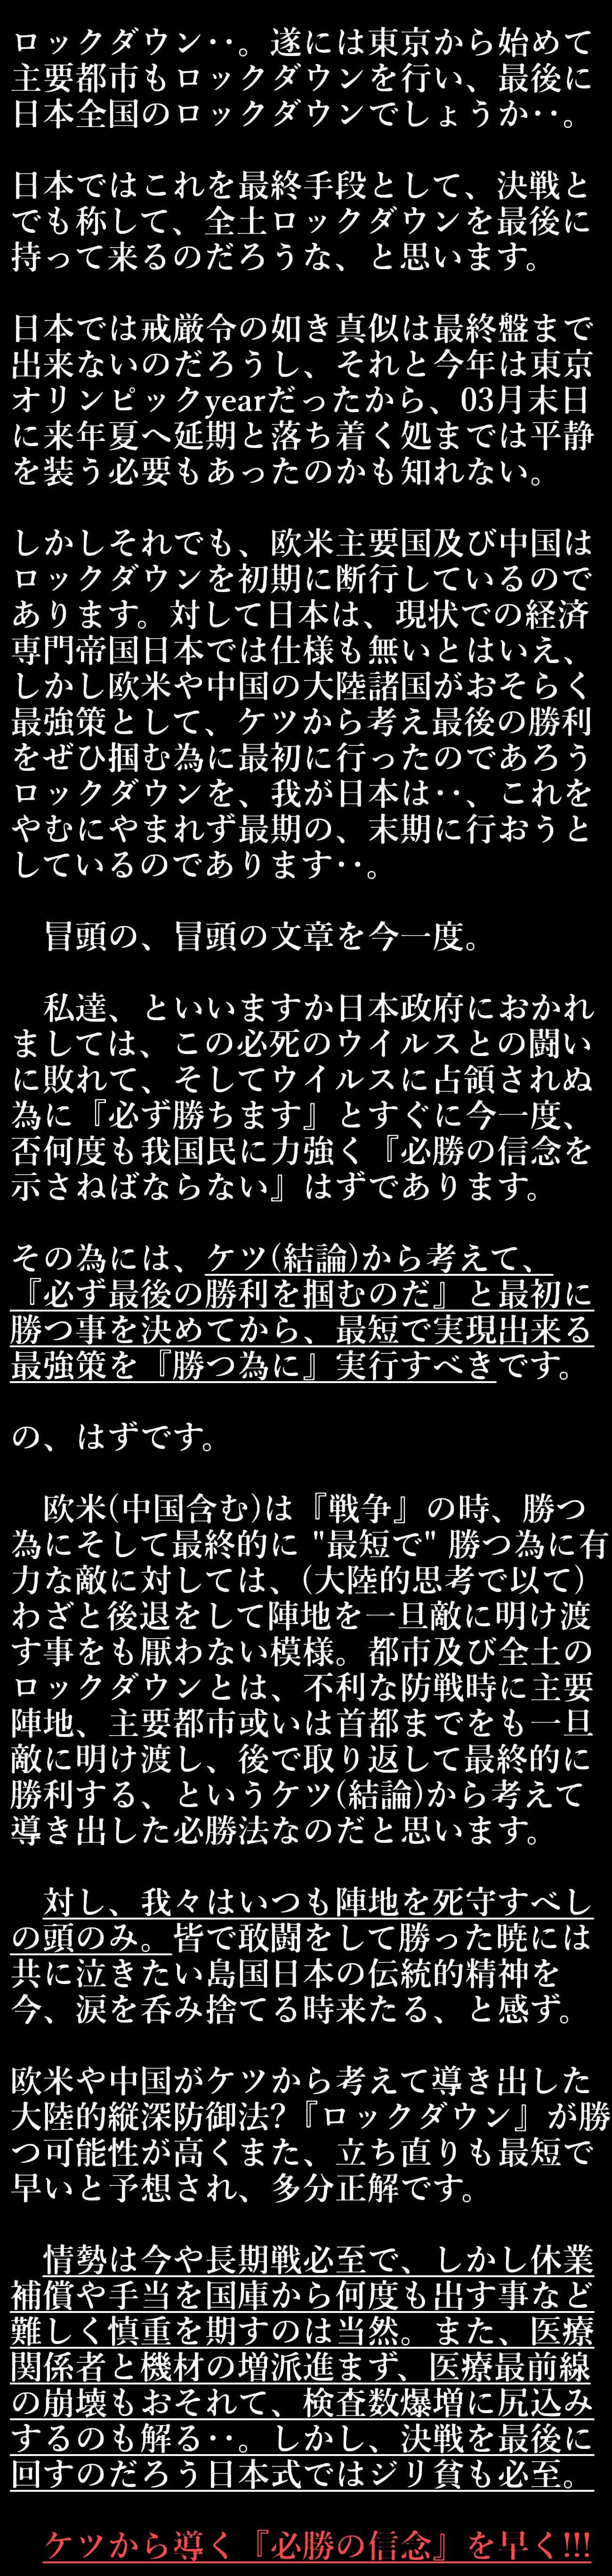 f:id:oomoroitakugoro:20200418174207e47j:plain